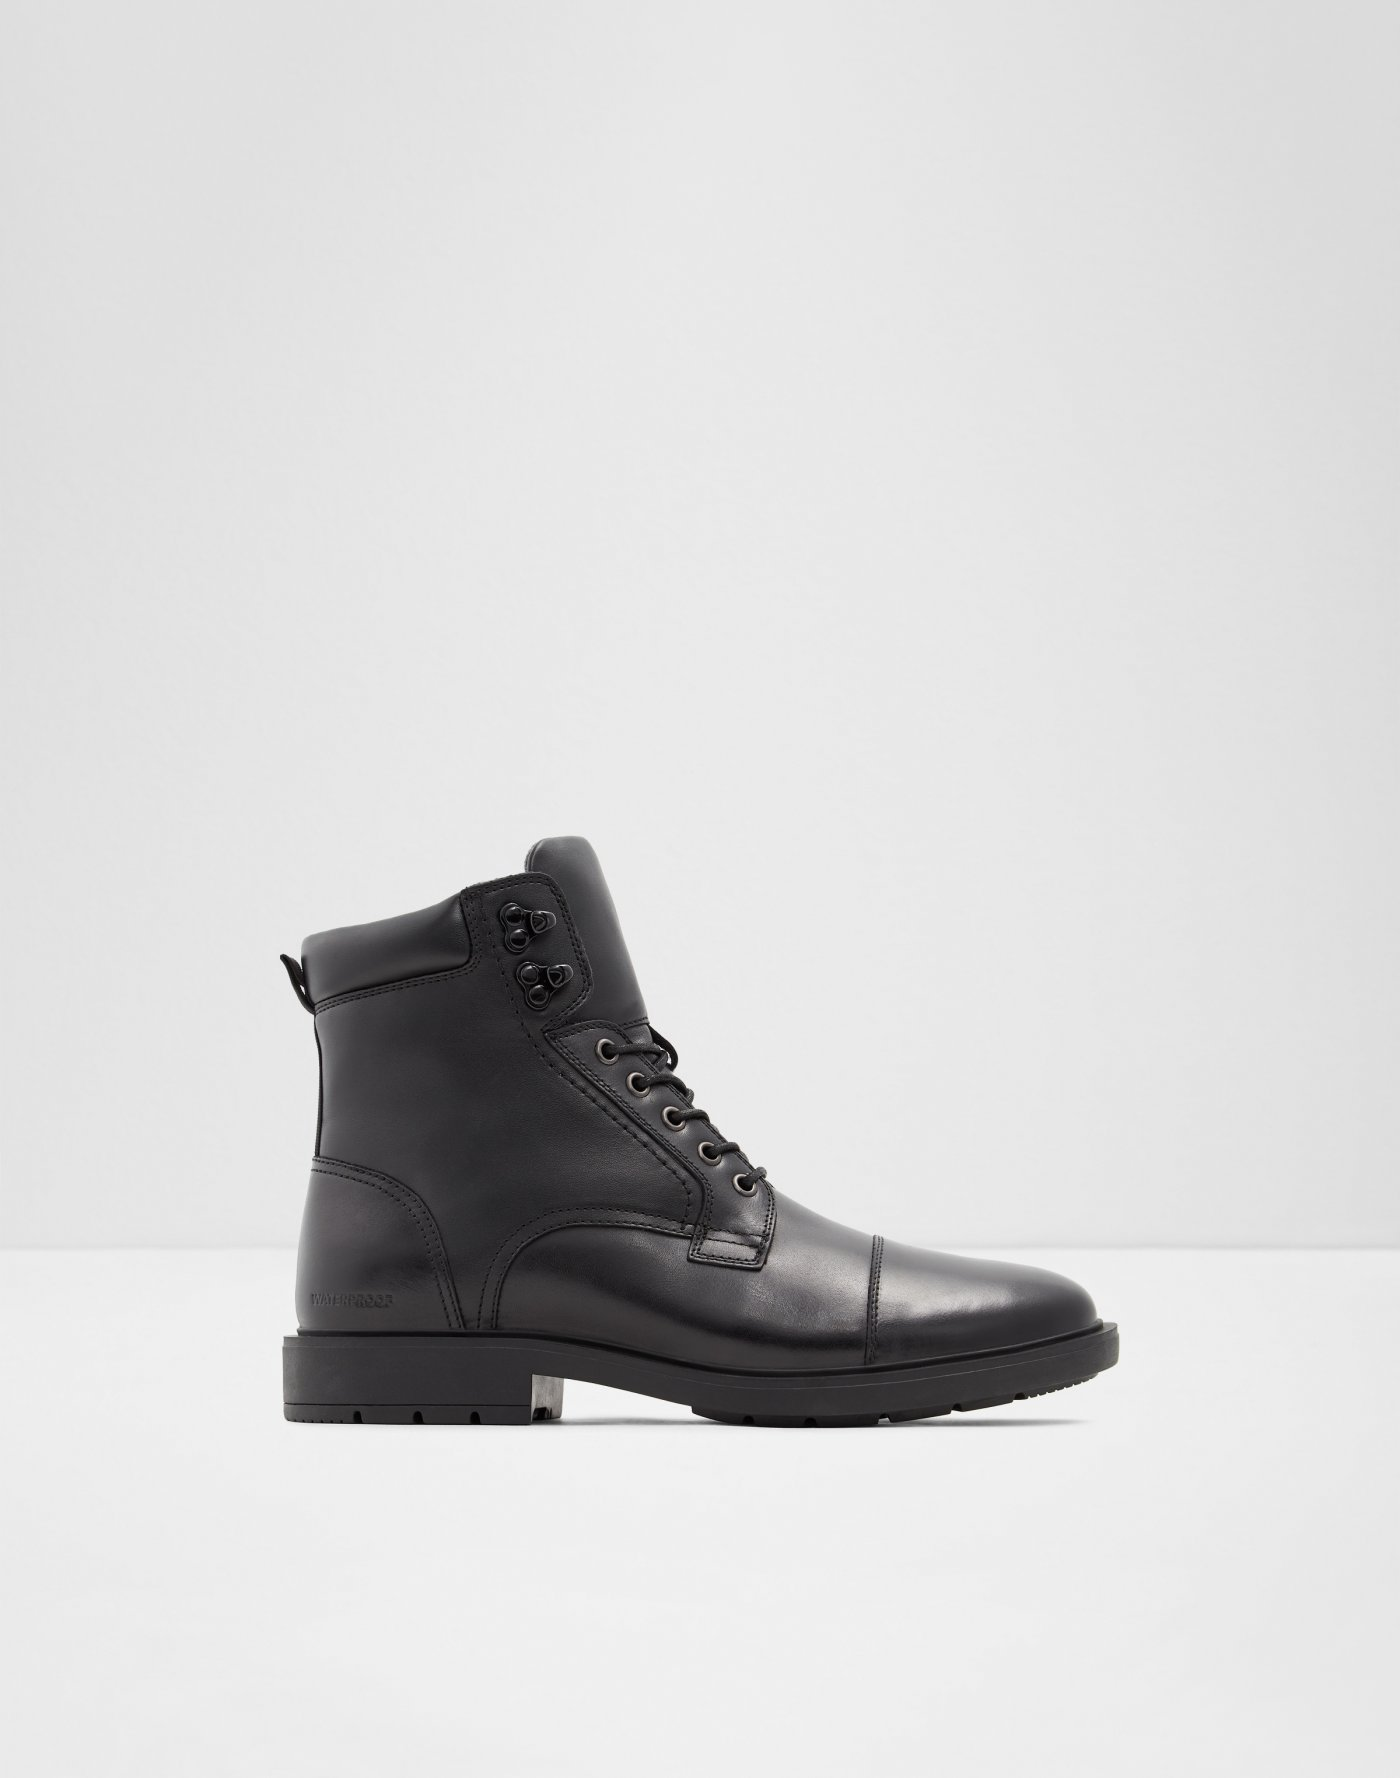 Men's Boots Outlet | ALDO US